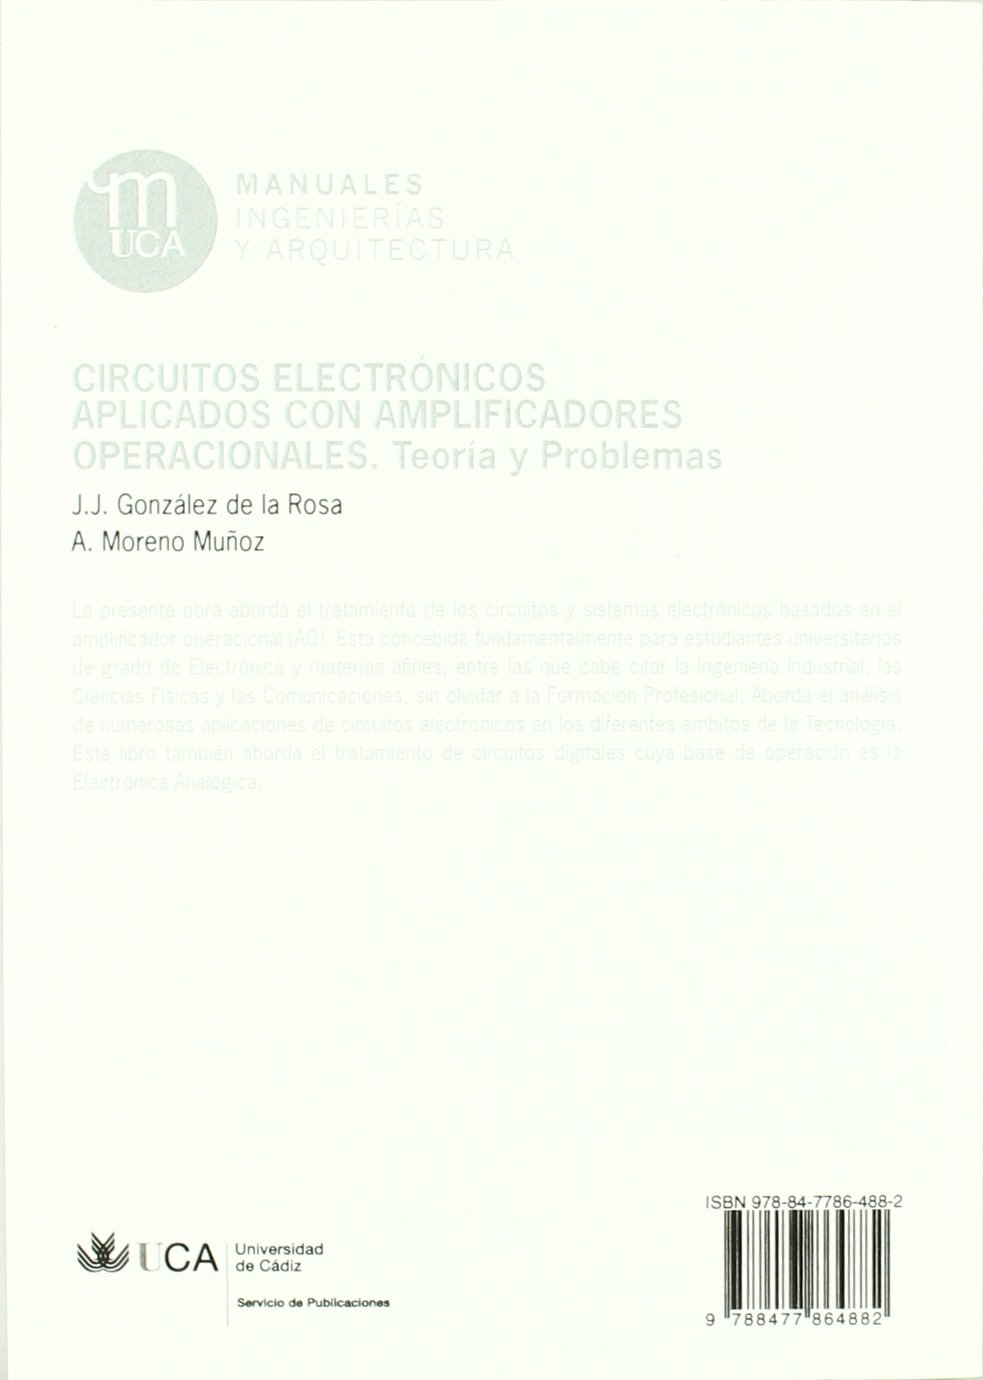 Circuitos electrónicos aplicados con amplificadores operacionales : teoría y problemas: Juan Jose, Antonio Moreno-Munoz, González de la Rosa: 9788477864882: ...